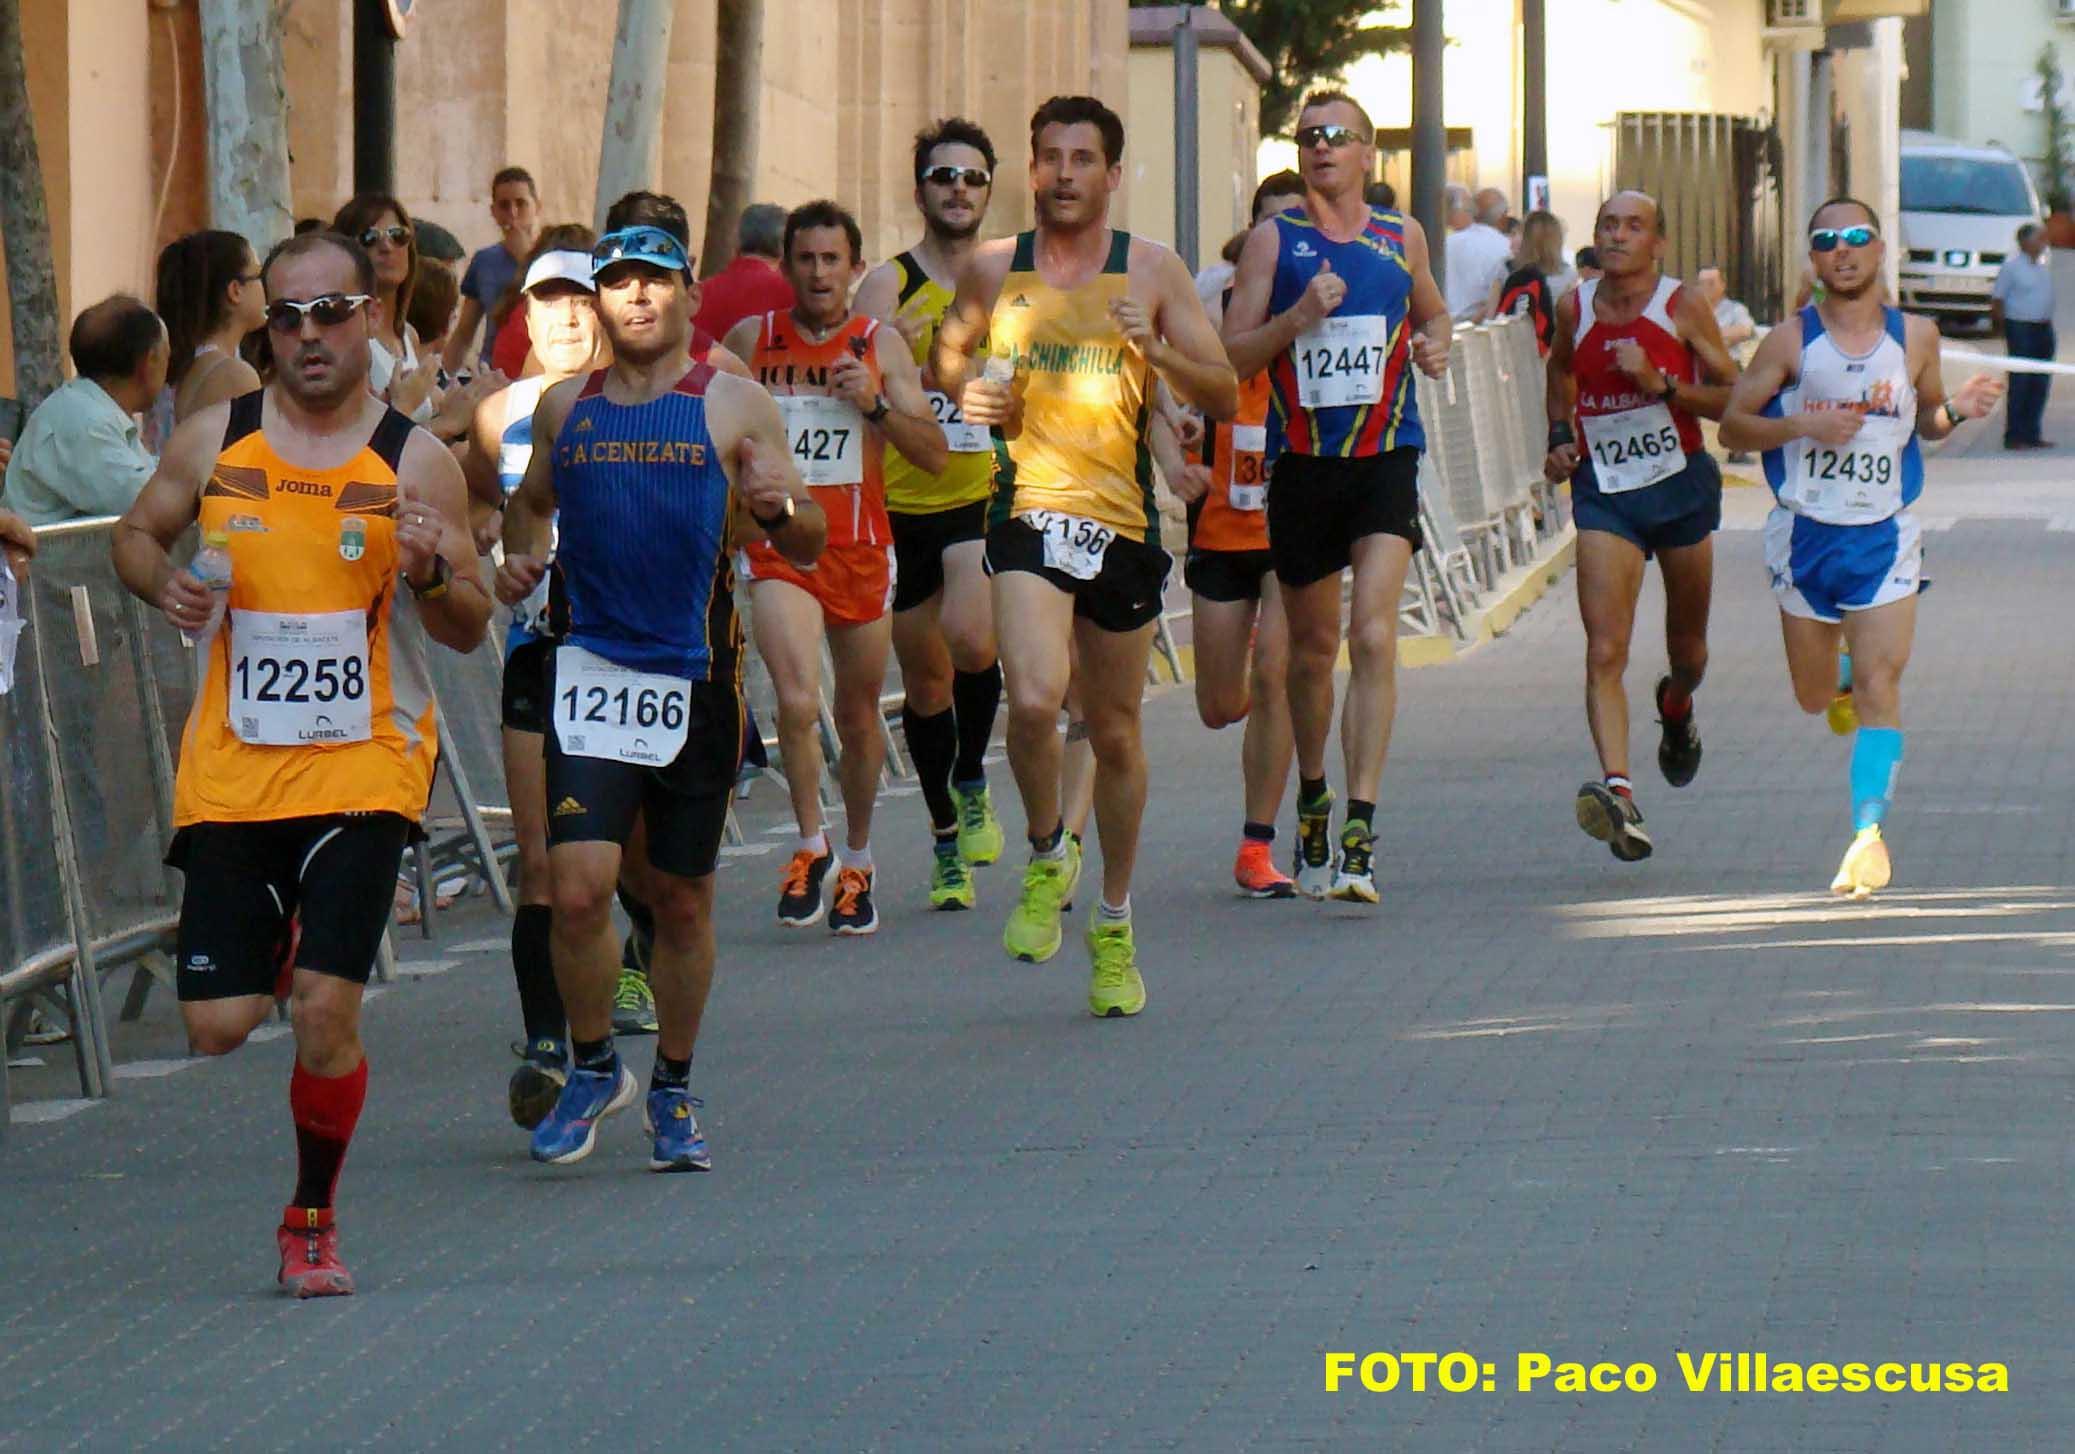 Atletas populares en Montealegre del Castillo (Foto: Paco Villaescusa)